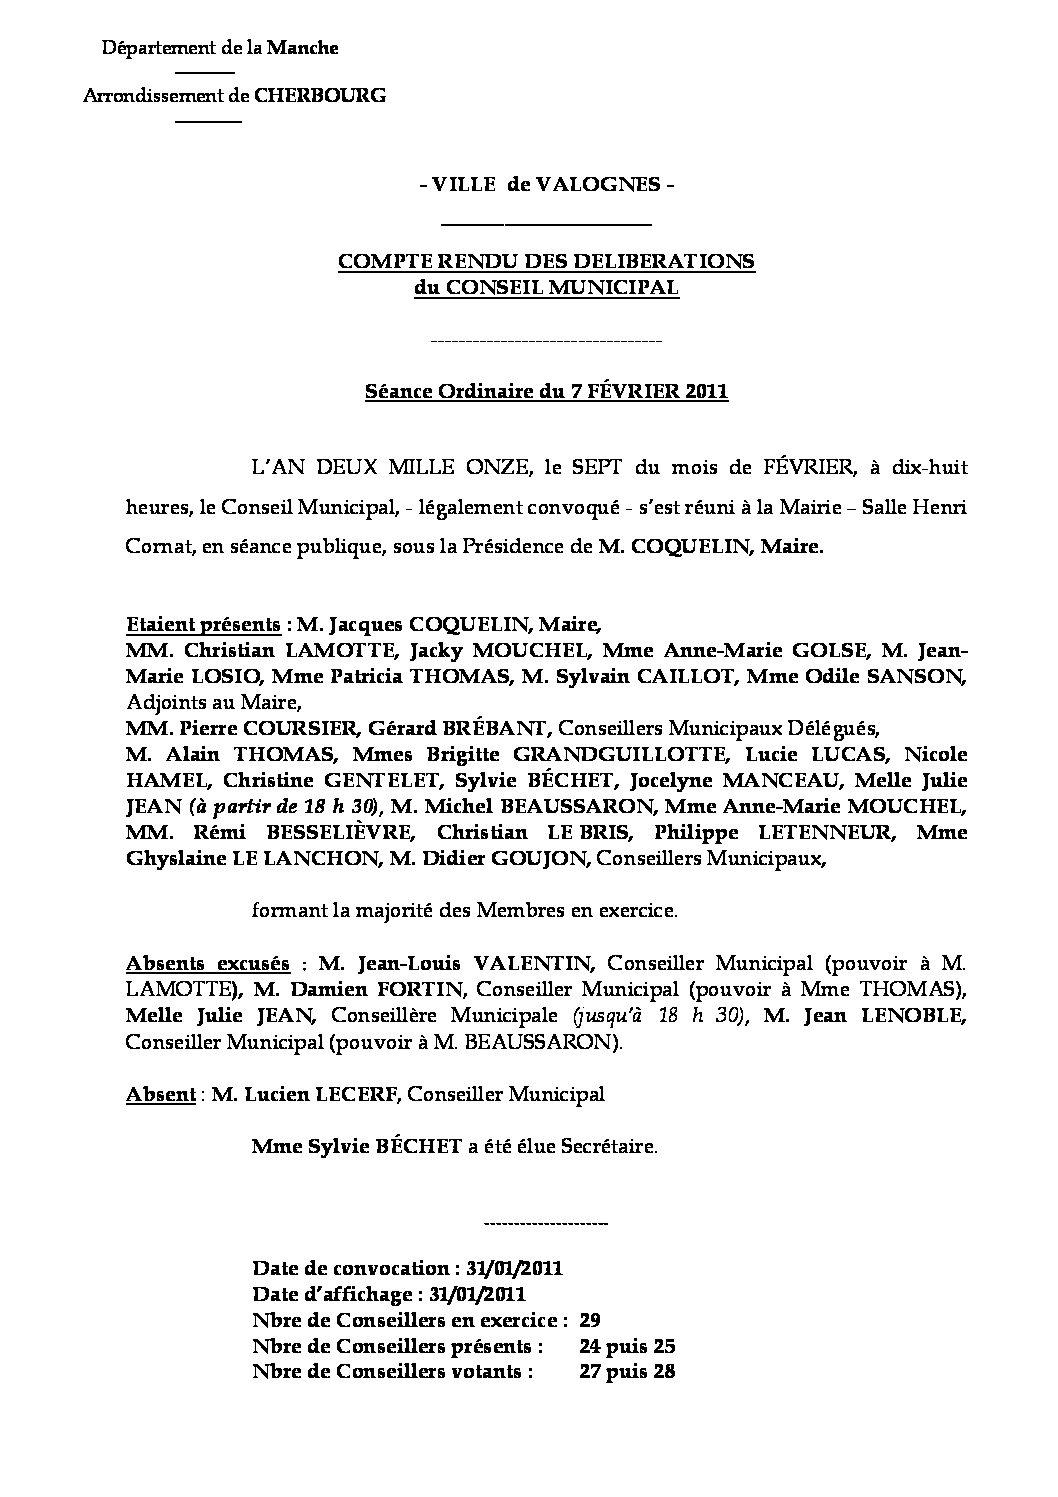 Extrait du registre des délibérations du 07-02-2011 - Compte-rendu des questions soumises à délibération lors de la réunion ordinaire du Conseil Municipal du lundi 7 février 2011.